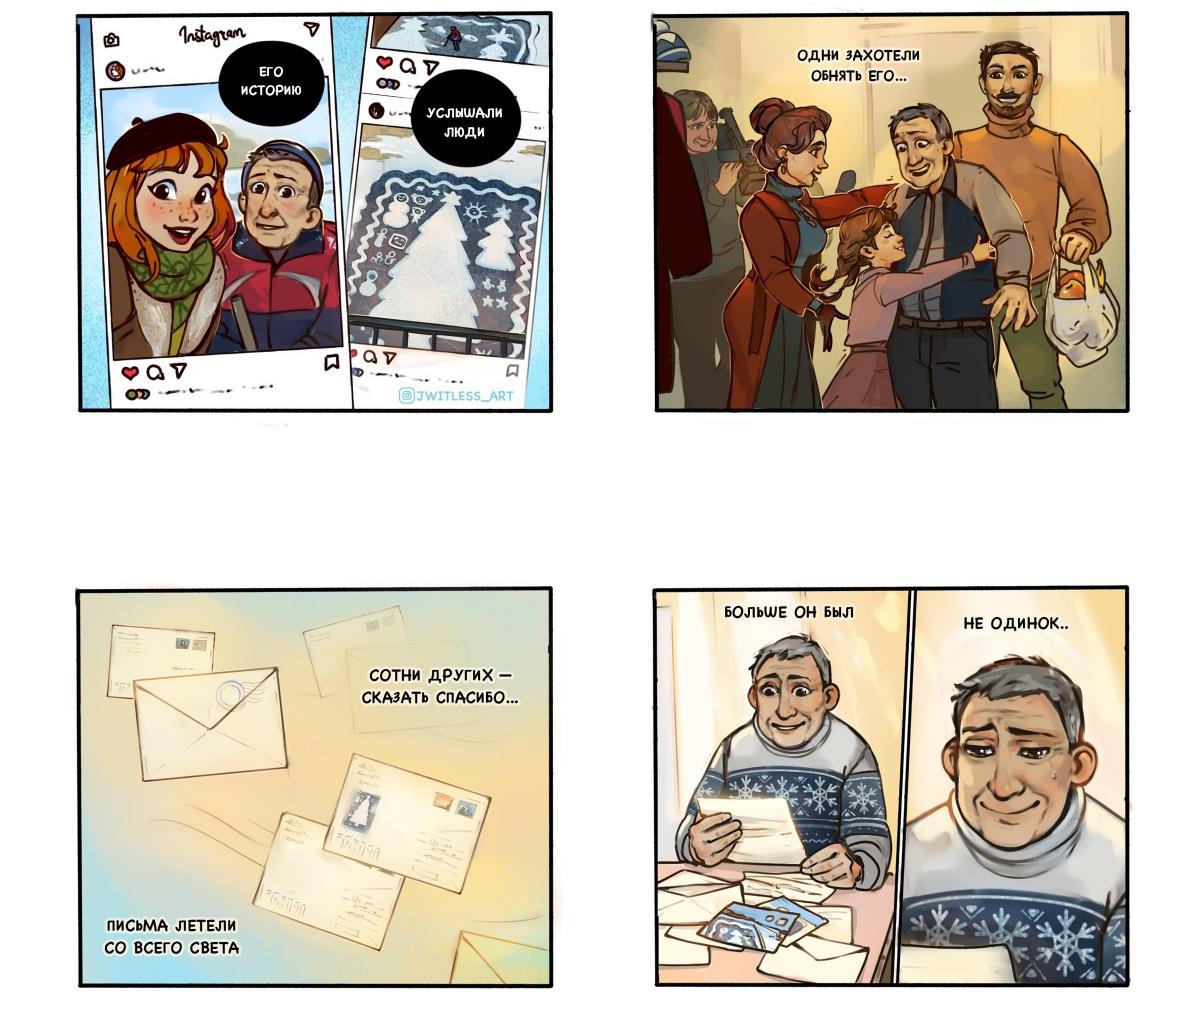 История амурского ледового волшебника растрогала жителей США и Европы